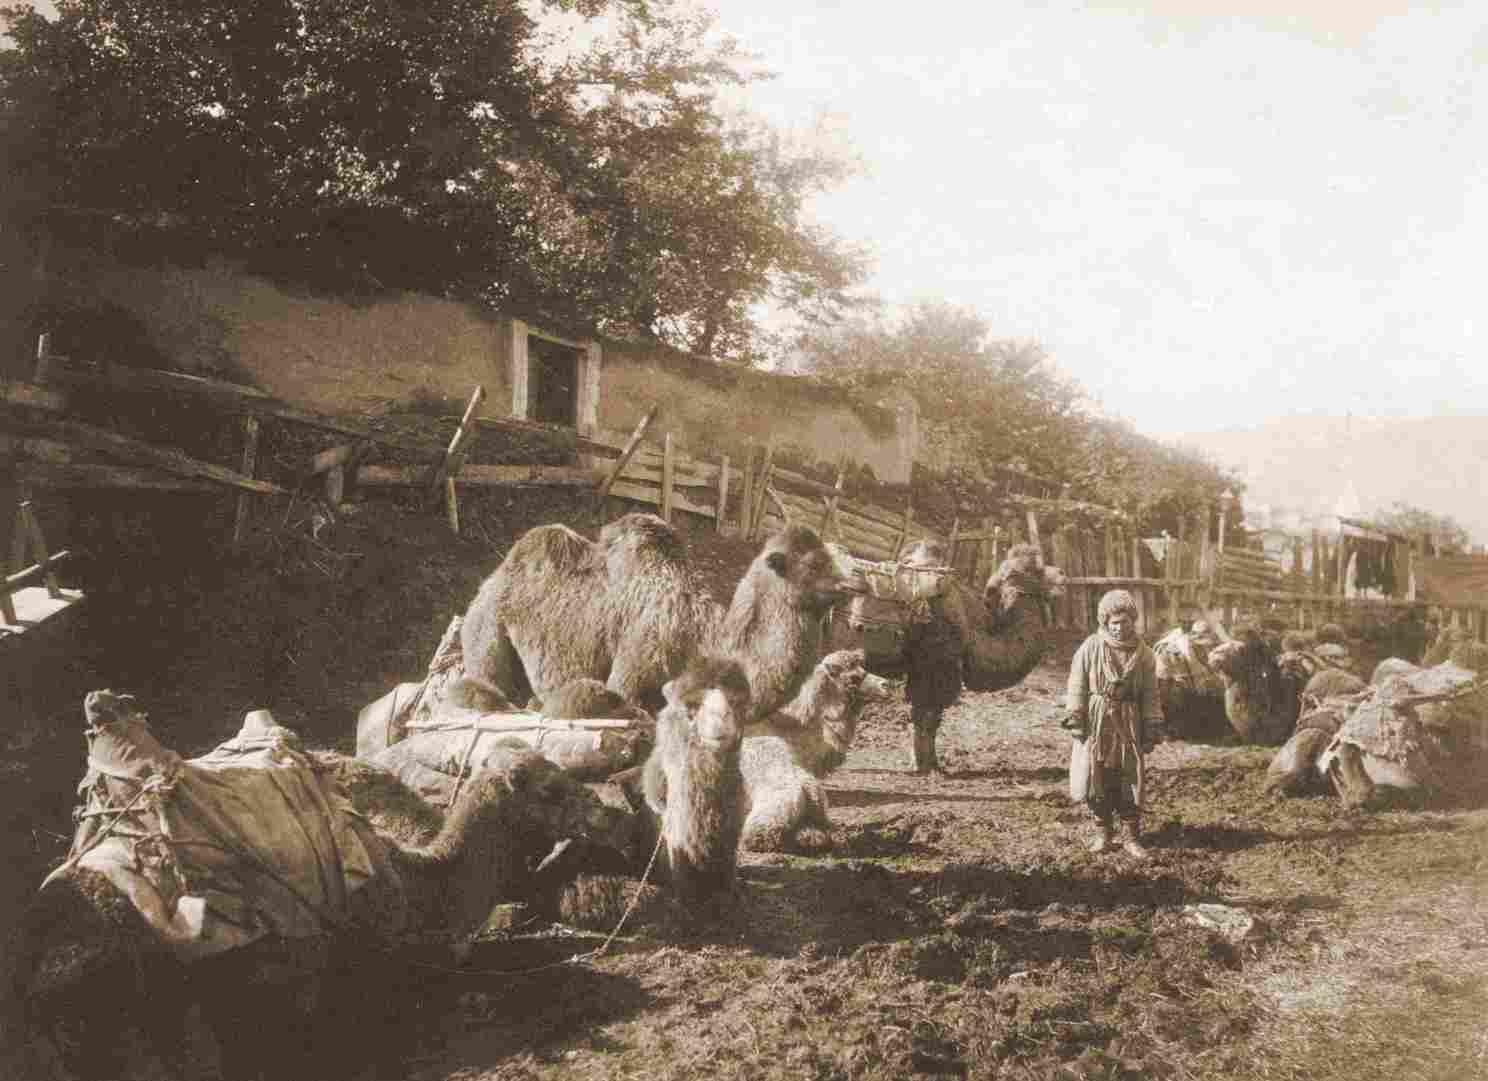 Группа верблюдов на постоялом дворе и погонщик